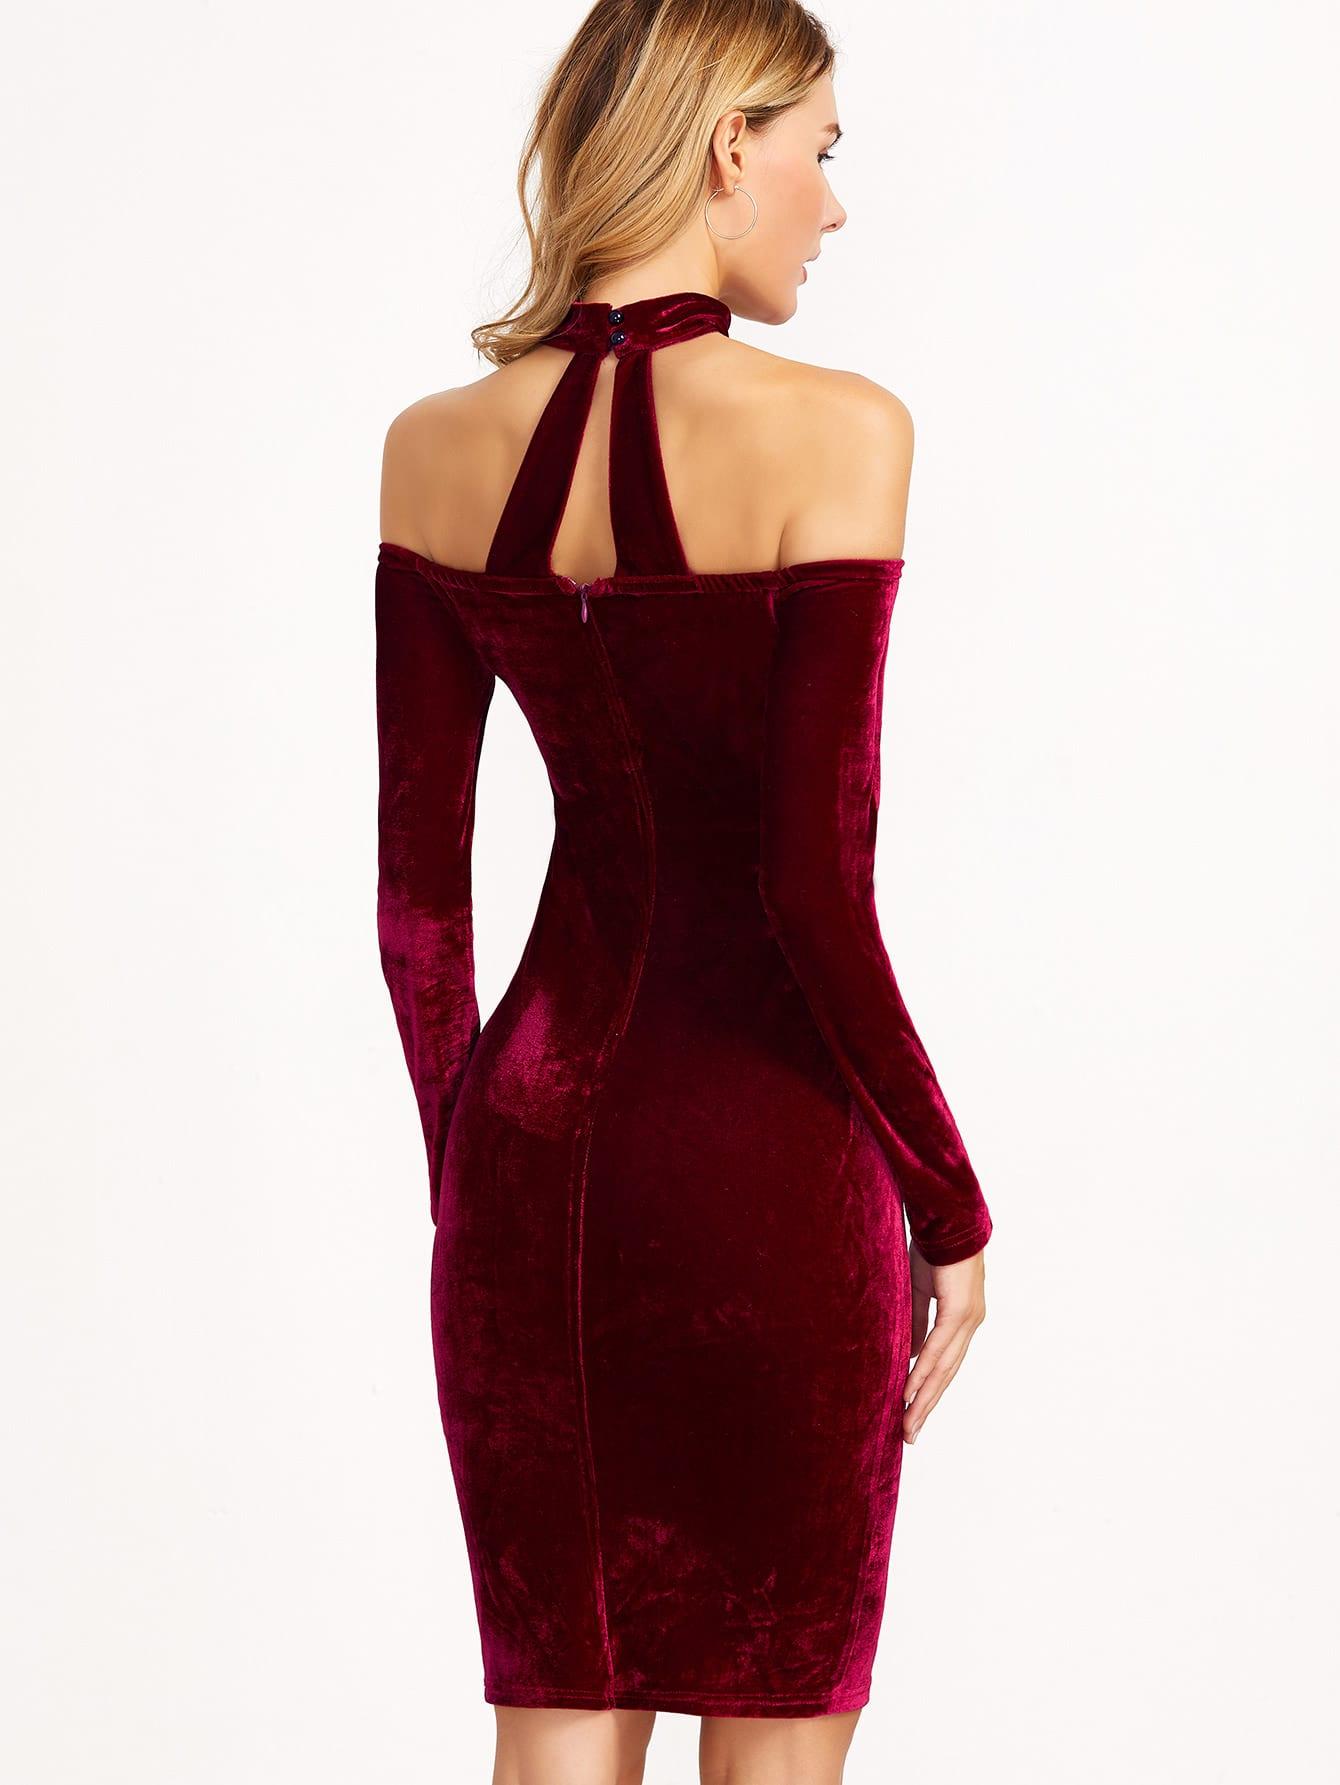 dress161124701_2